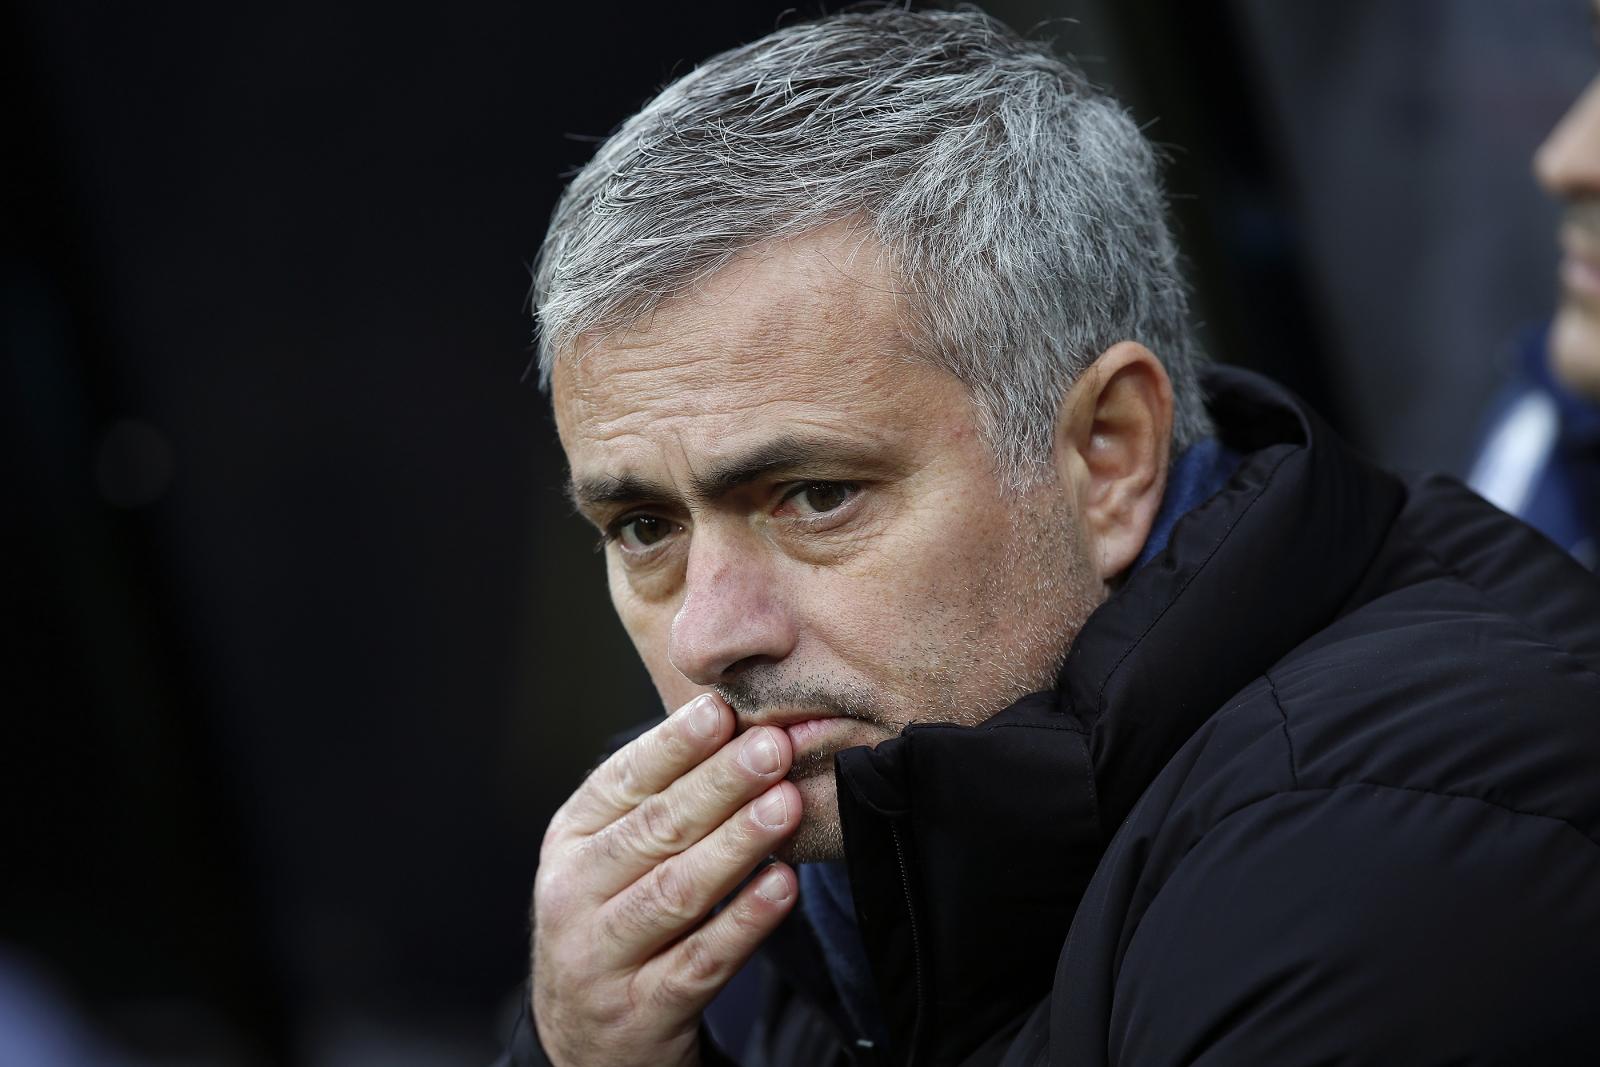 Sport Spotlight: Chelsea slipping in the Premier League title race?